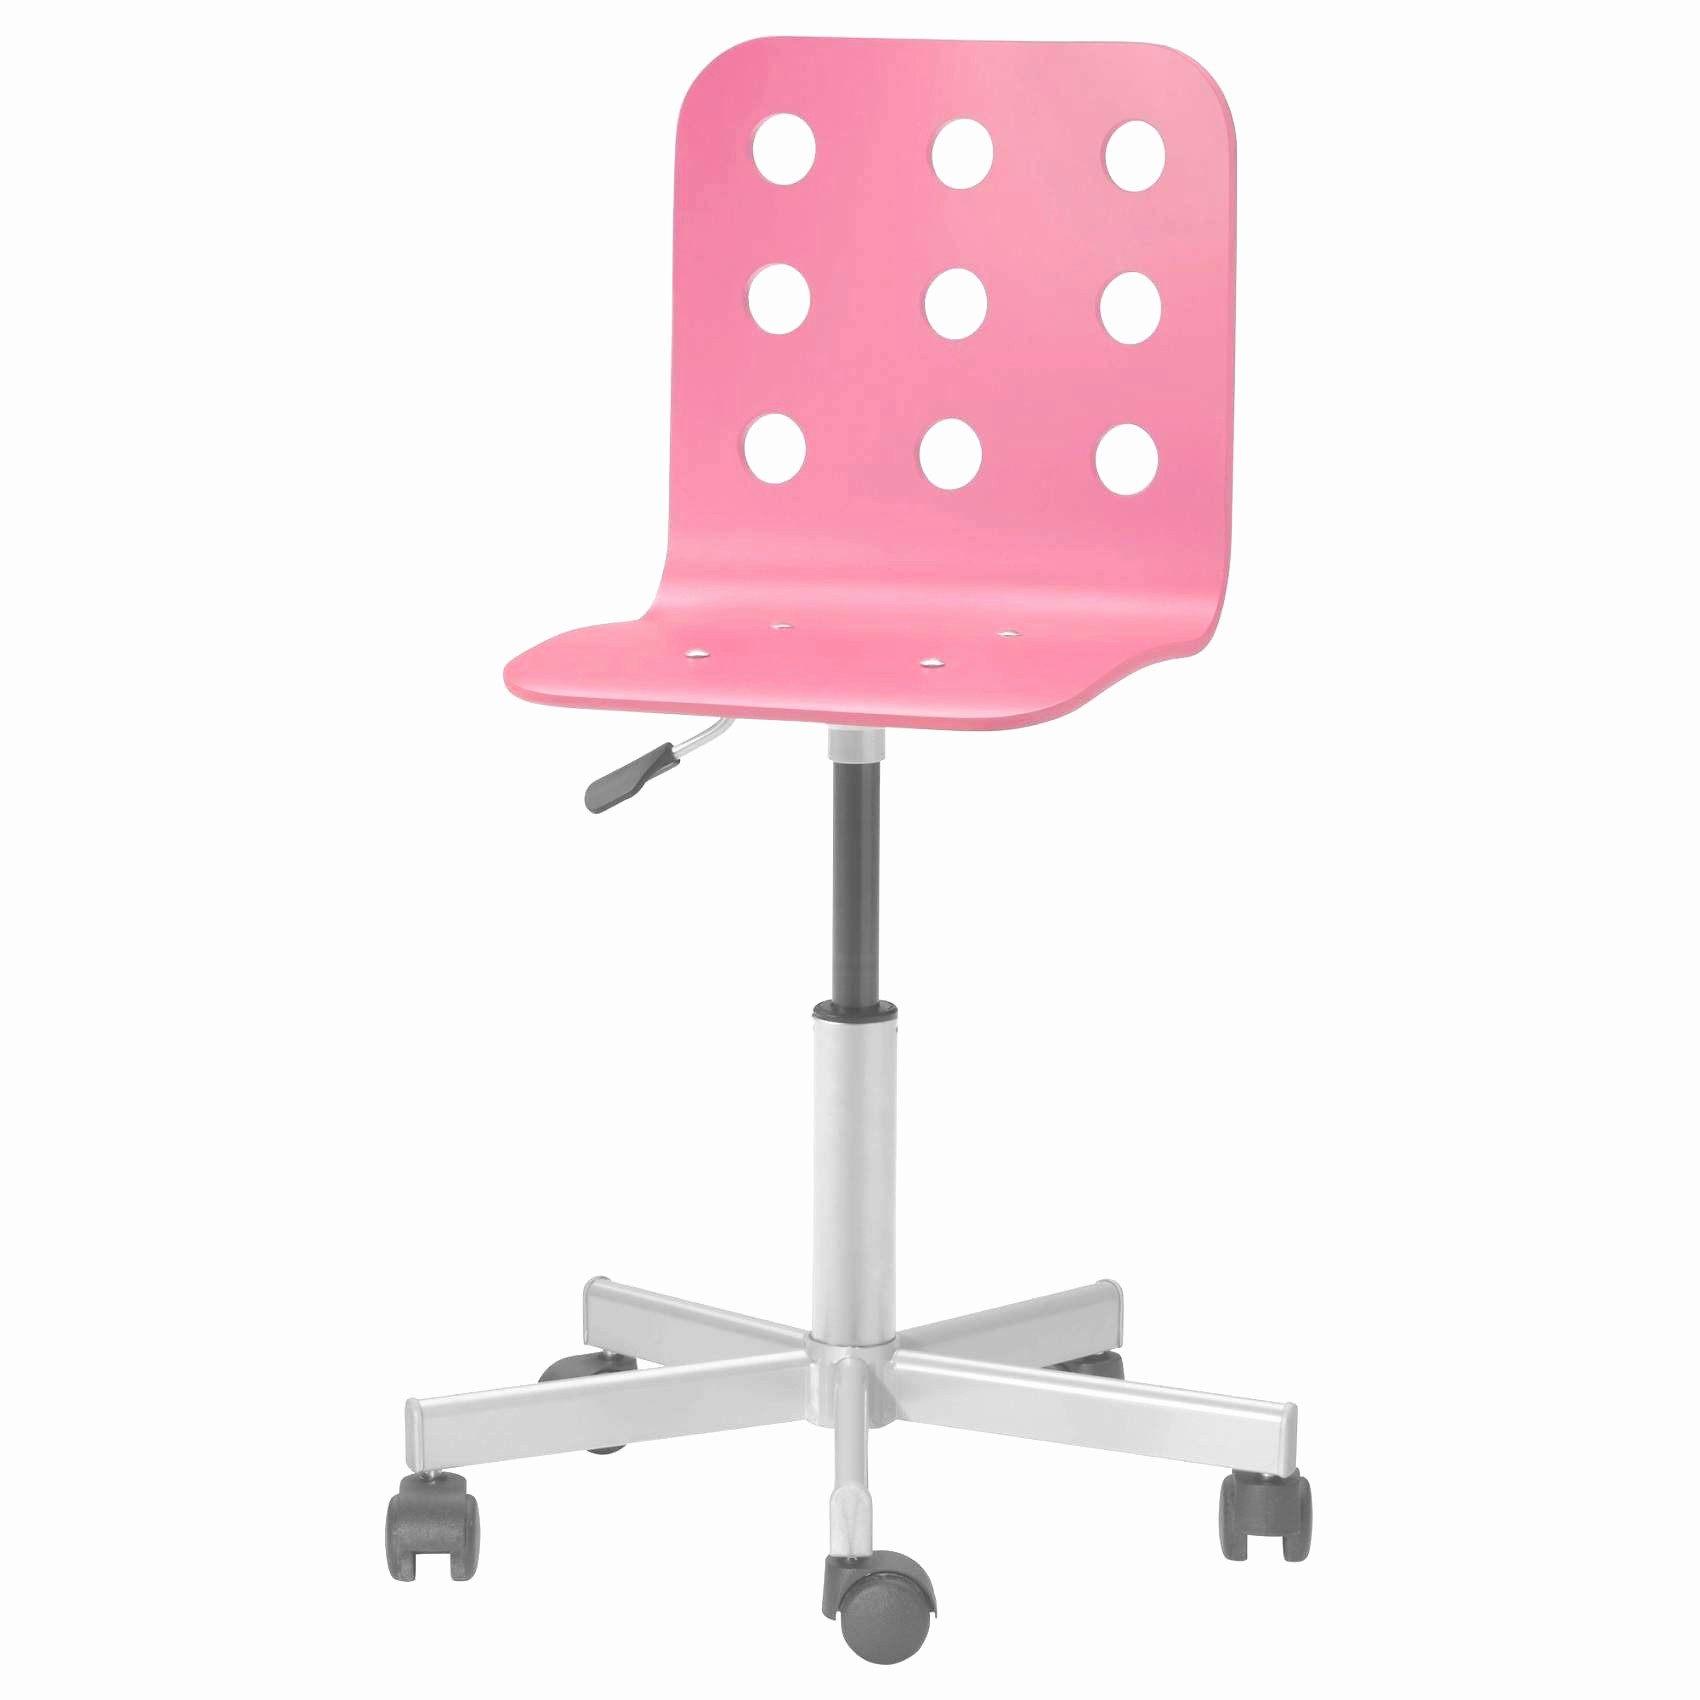 Lit Enfant Rose De Luxe Chaise Design Enfant Lit Enfant Carrefour Rehausseur Chaise